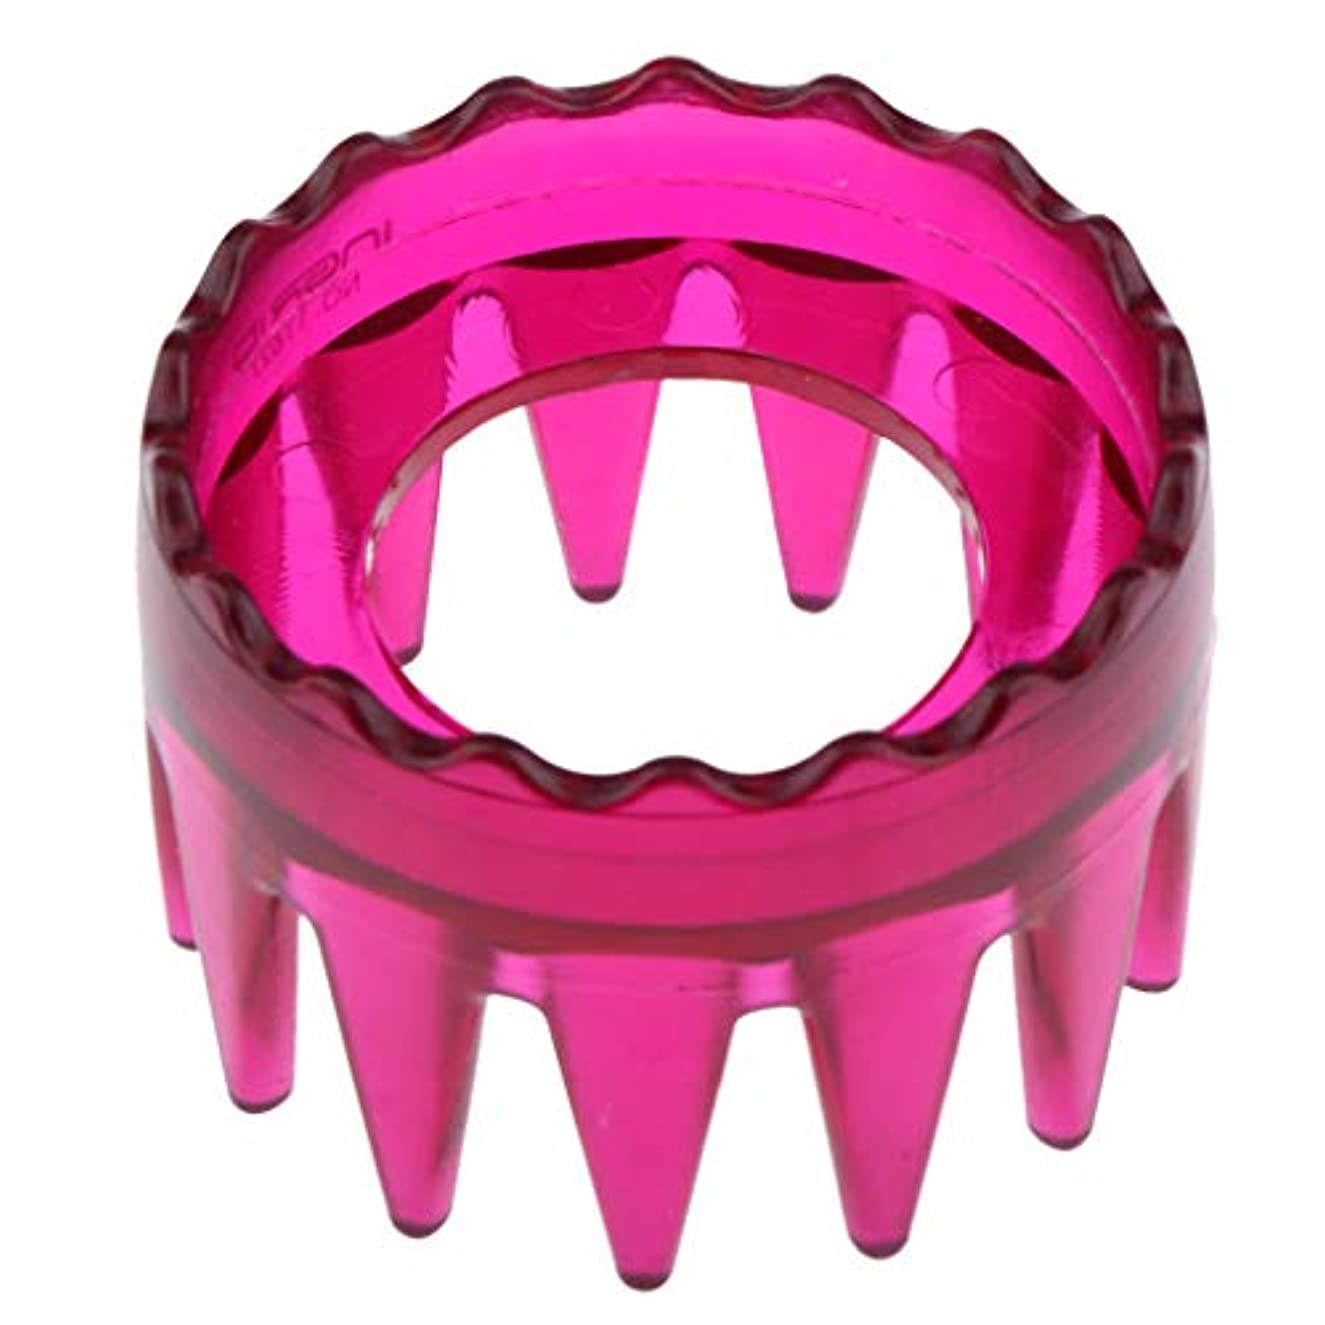 ポインタドルファンネルウェブスパイダー全4色 シャンプーブラシ 洗髪櫛 マッサージャー ヘアコーム ヘアブラシ 直径約6cm プラスチック製 - ローズレッド